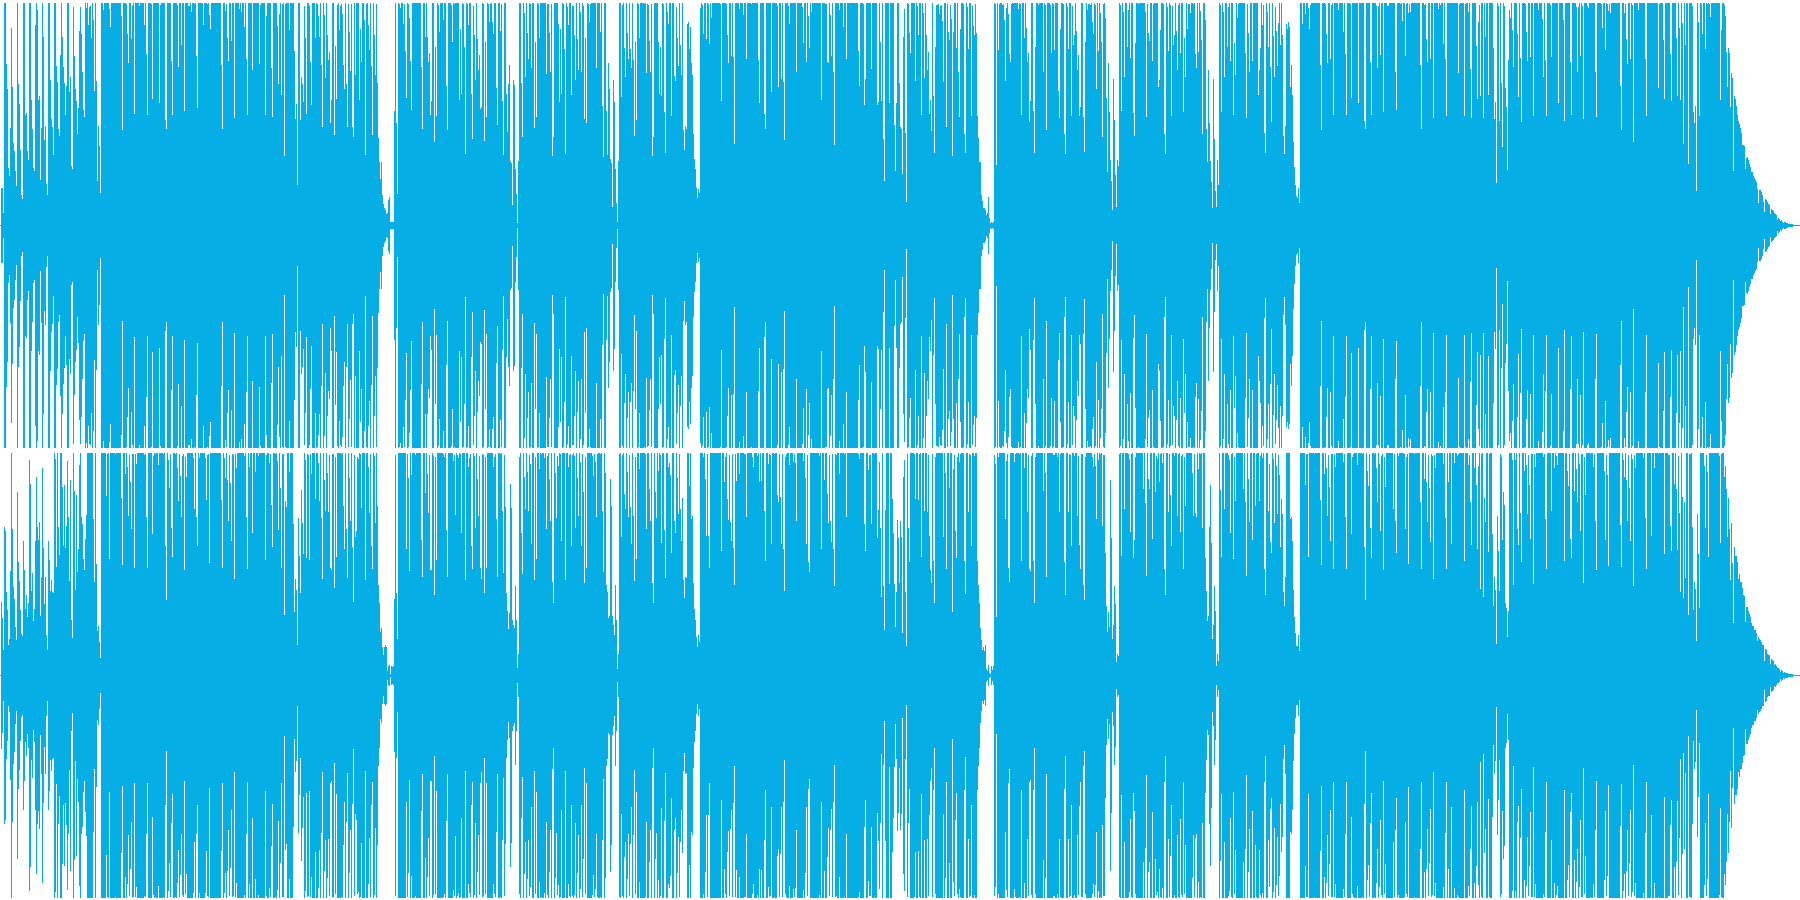 シンセベースに哀愁のピアノラインが印象的の再生済みの波形